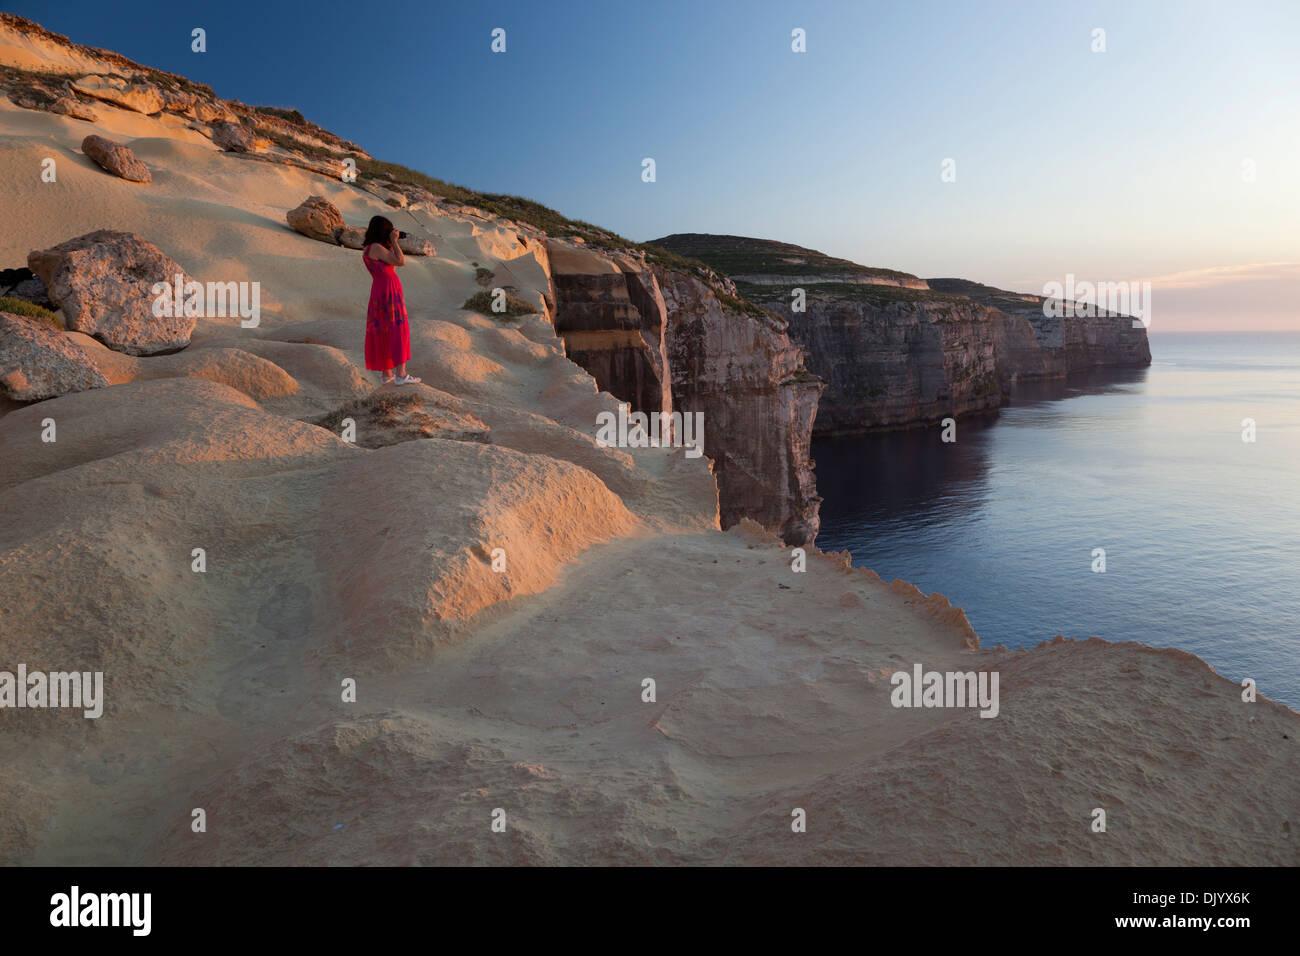 Une femme à prendre des photos du coucher de soleil du haut de la côte nord-ouest à l'seacliffs de Gozo. Photo Stock